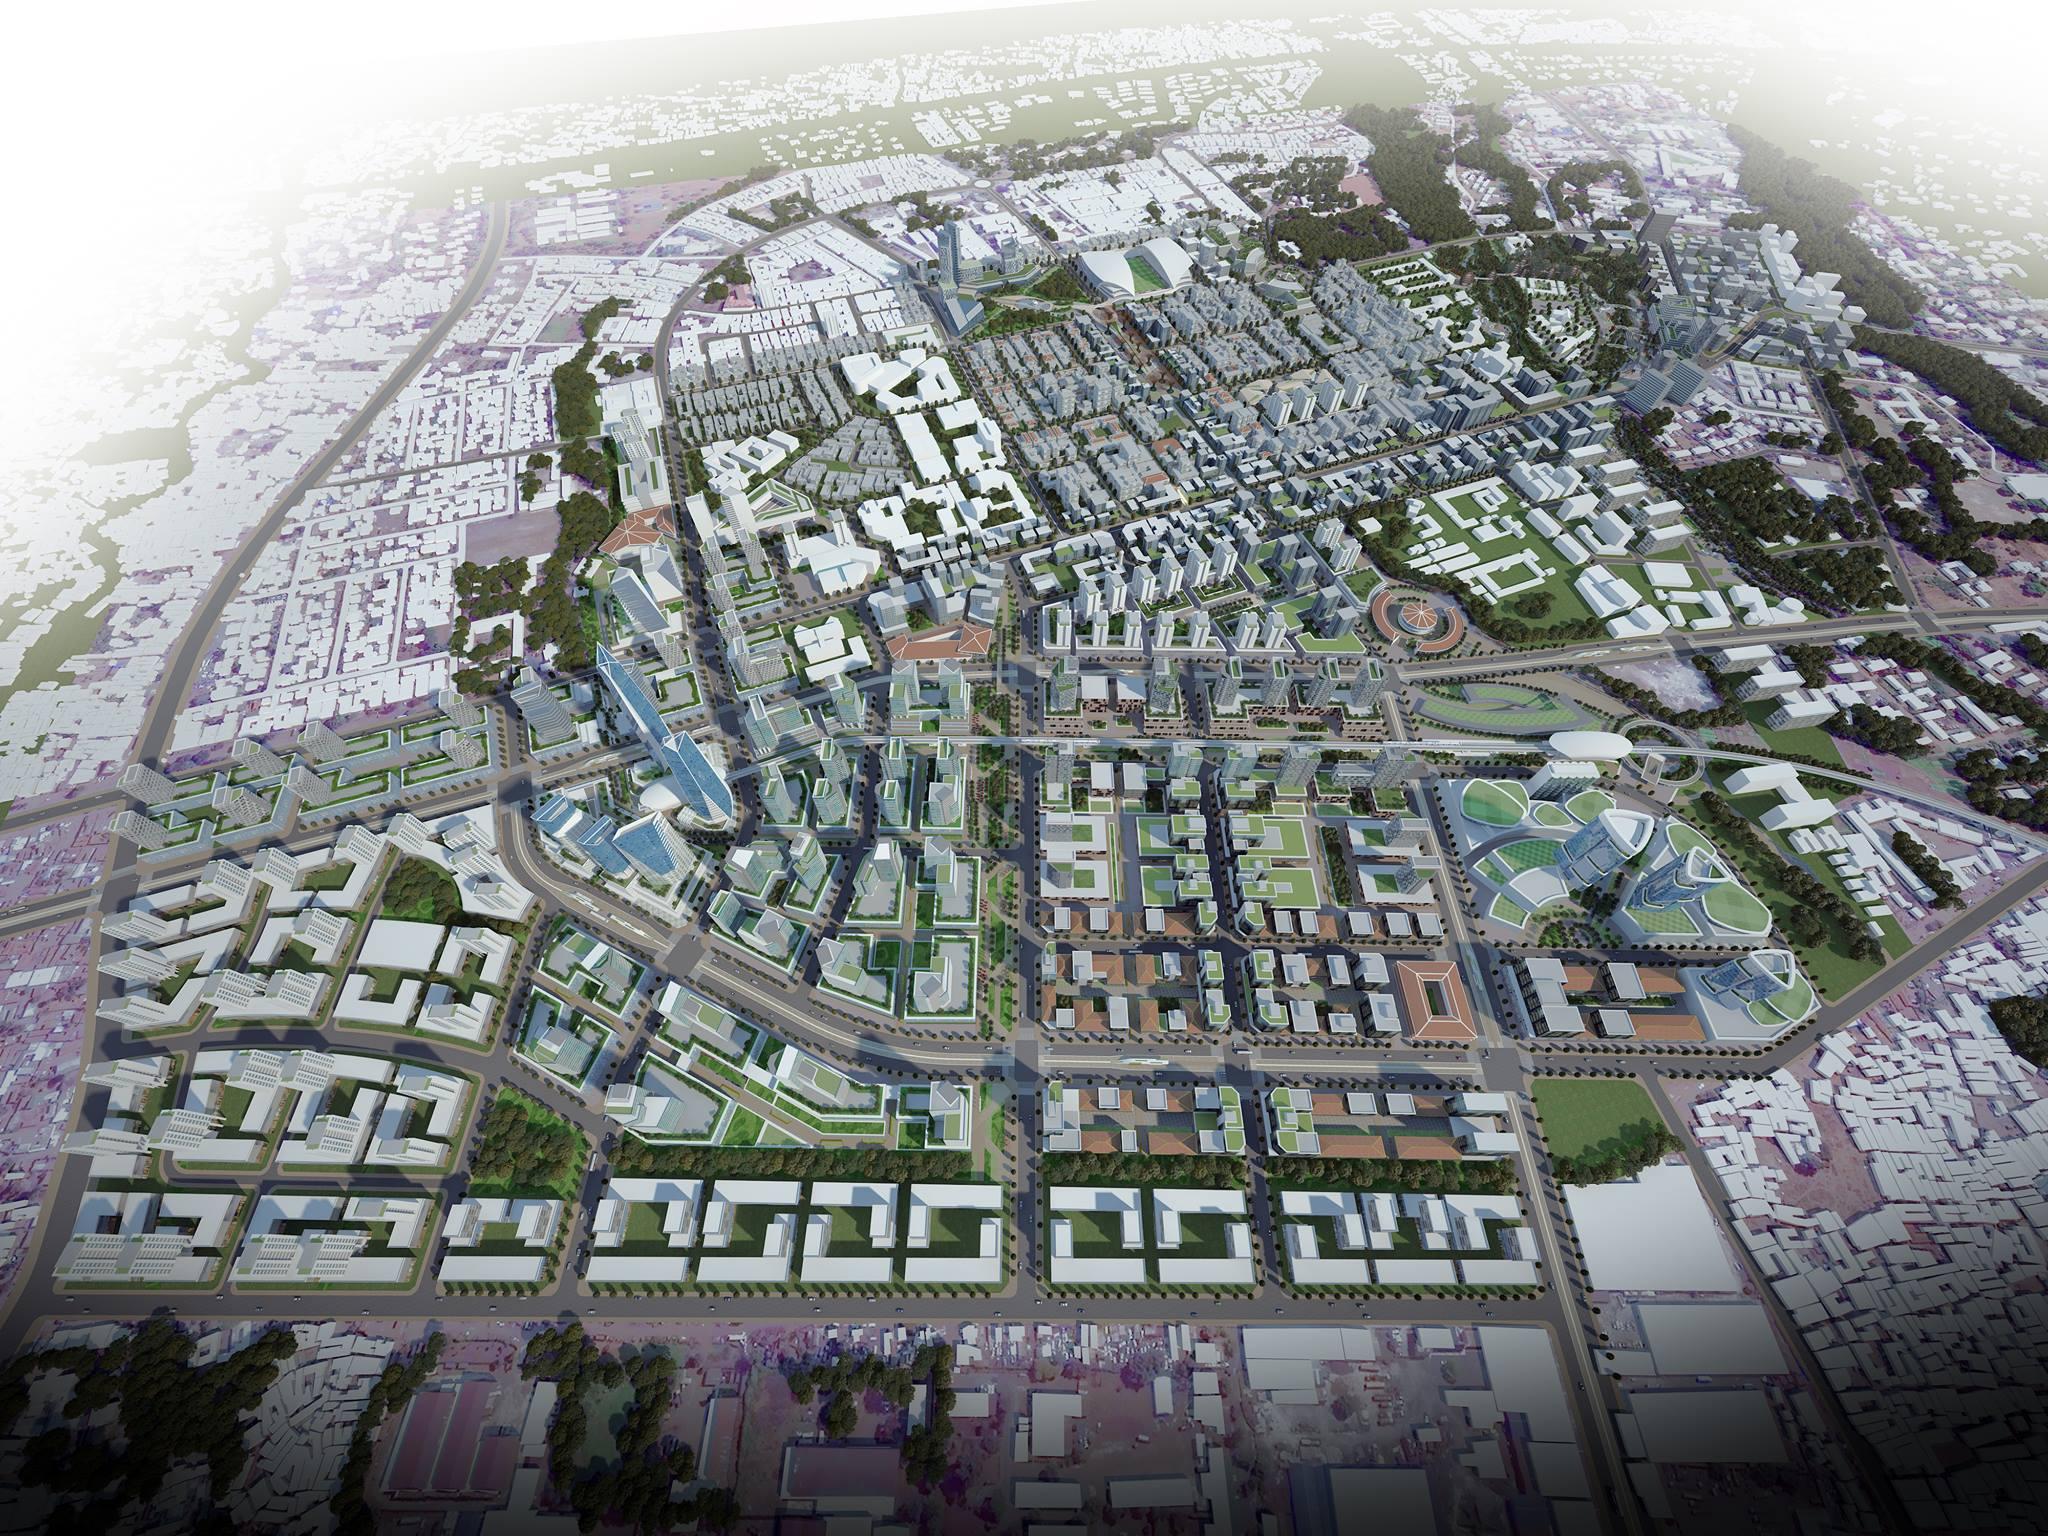 Arusha Master Plan 2035